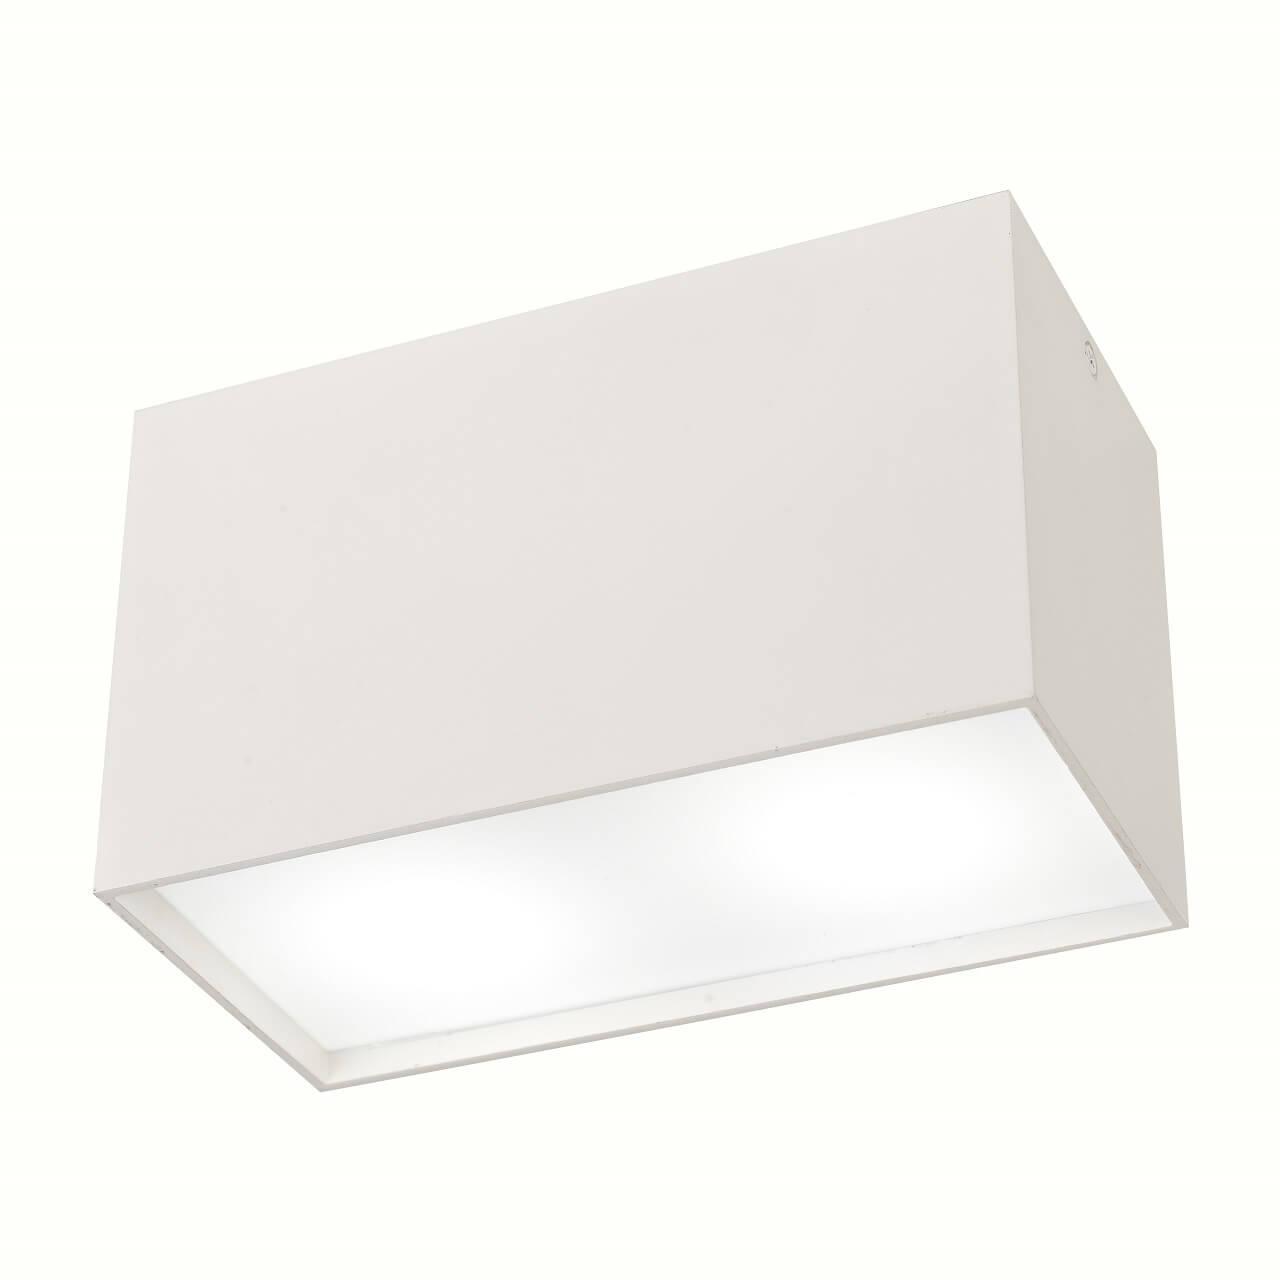 Накладной светильник Mantra 5632, GU10, 40 Вт цена 2017